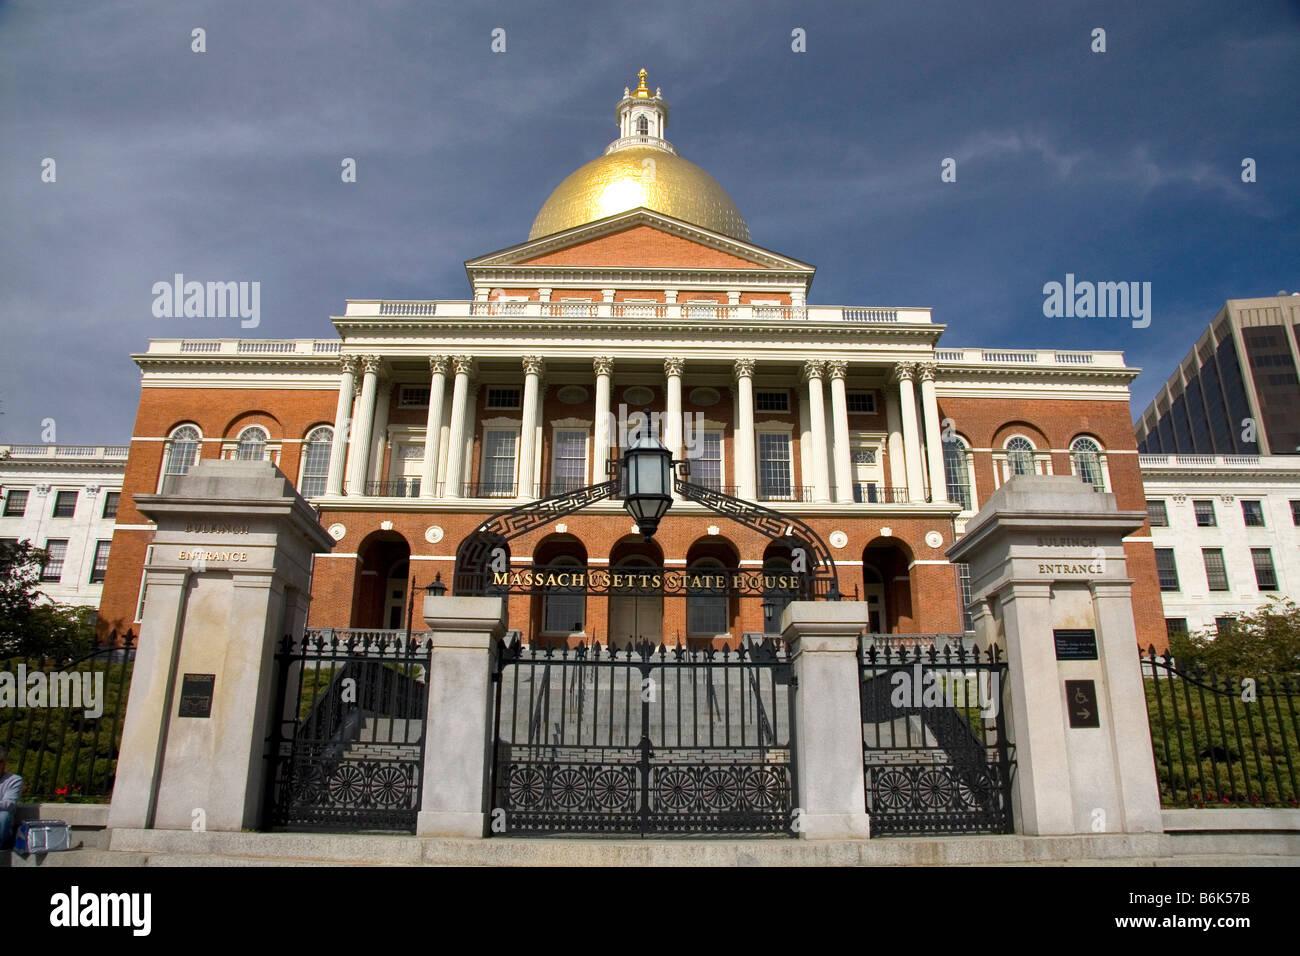 Il Massachusetts State House situato in Beacon Hill quartiere di Boston Massachusetts, STATI UNITI D'AMERICA Immagini Stock